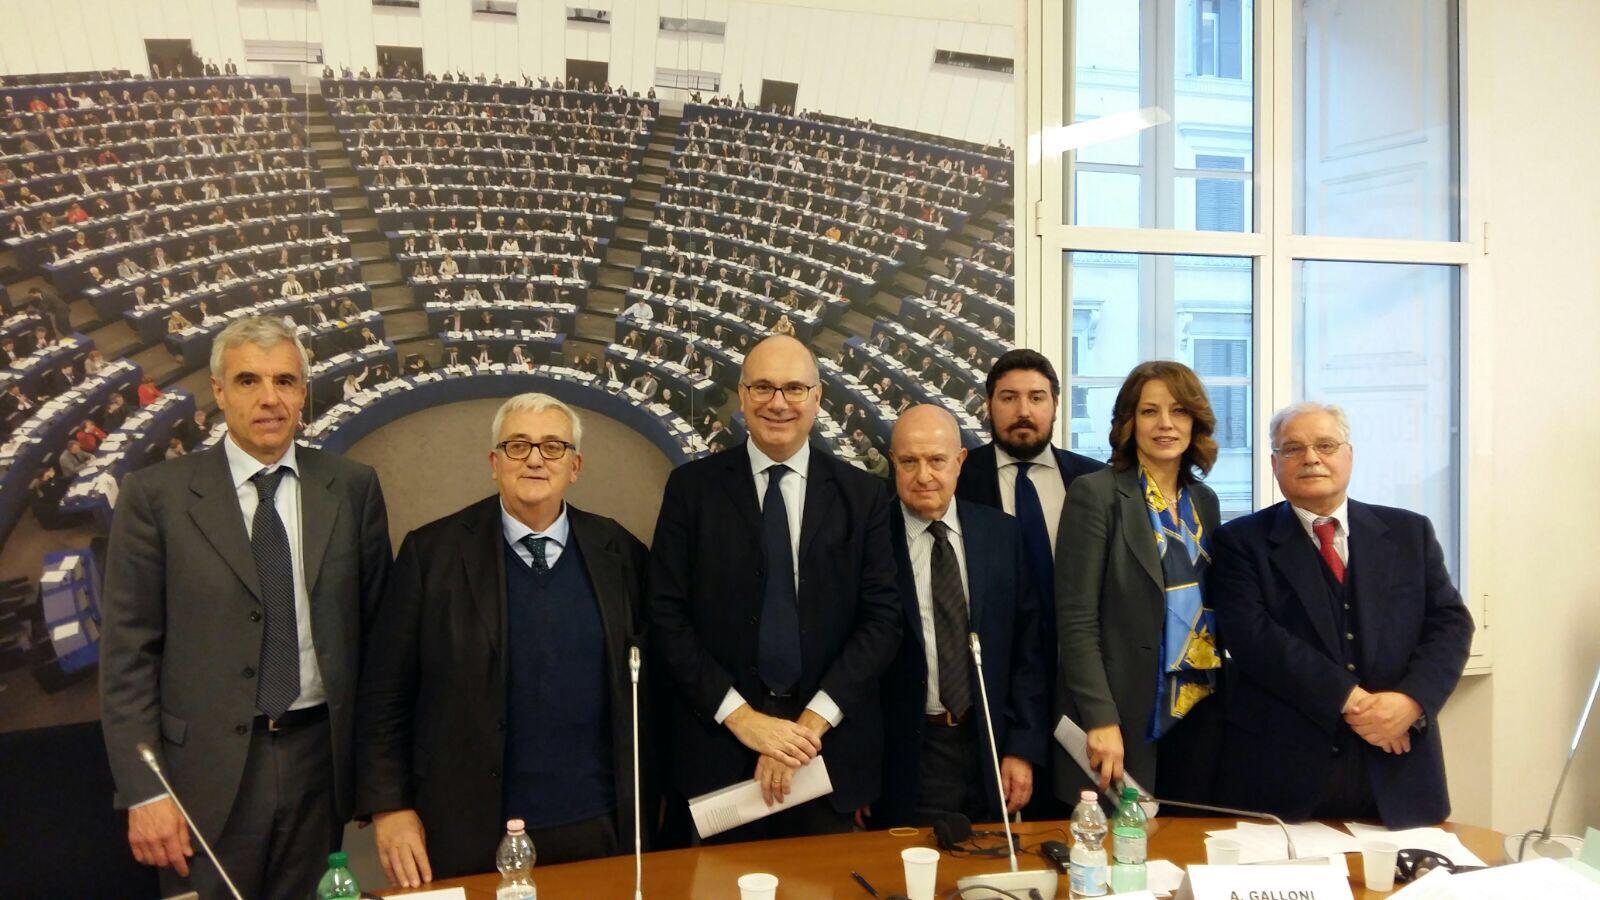 Geopolitica e crisi libica nella sede del parlamento for Dove ha sede il parlamento